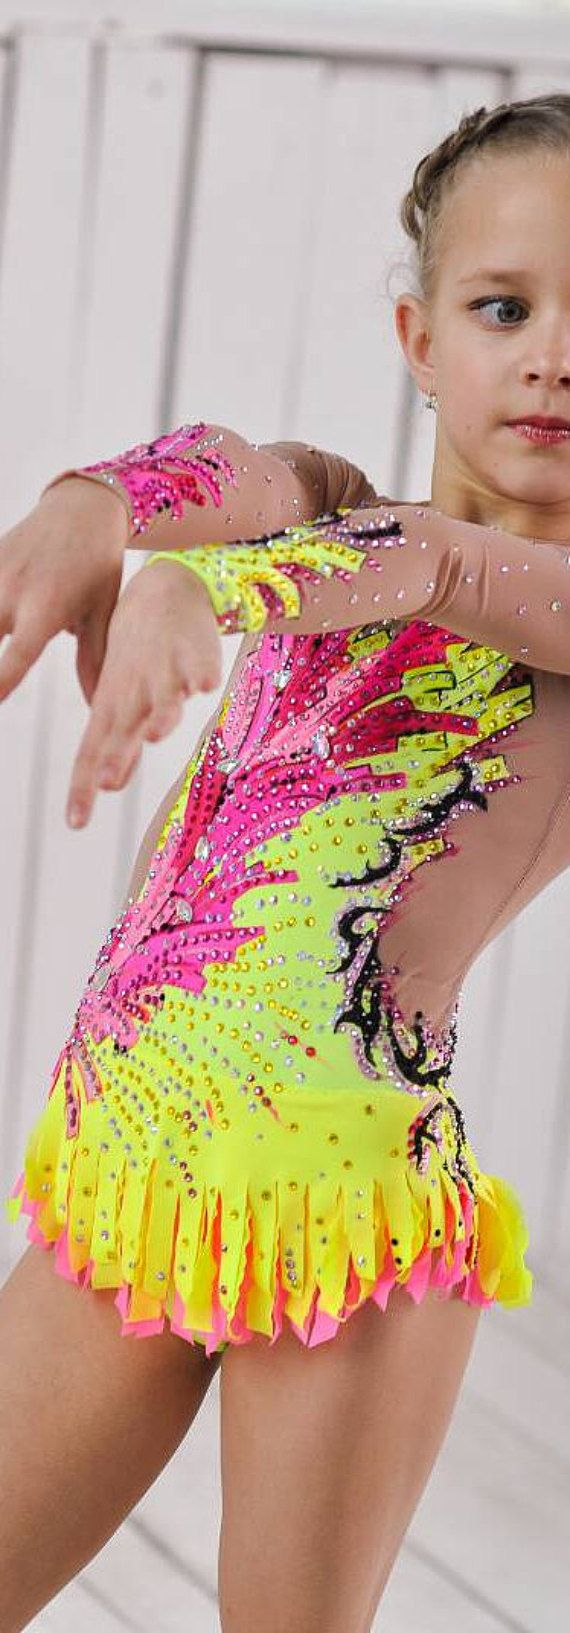 Wunderschöne Designer rhythmische Sportgymnastik DREAMLIGHT Eislaufen Wettbewerb